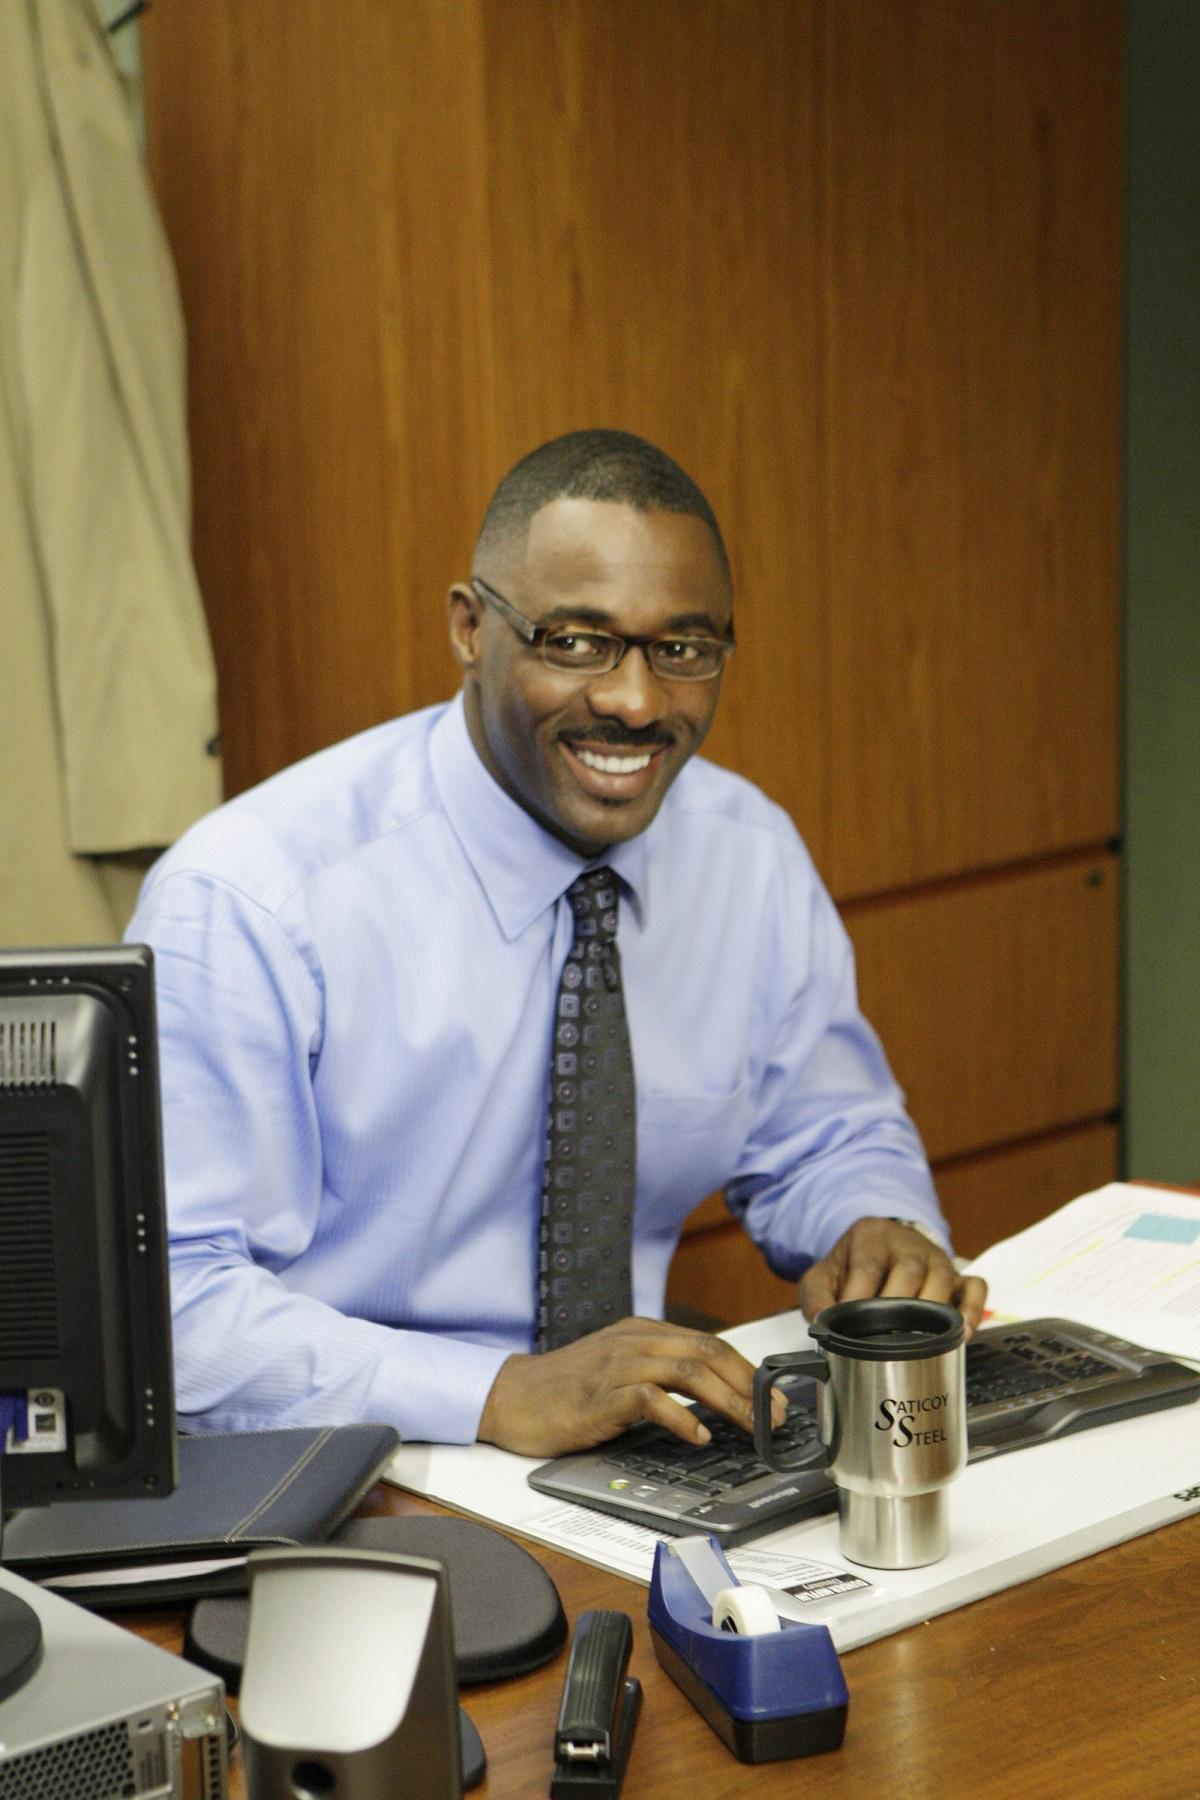 Idris Elba on 'The Office'